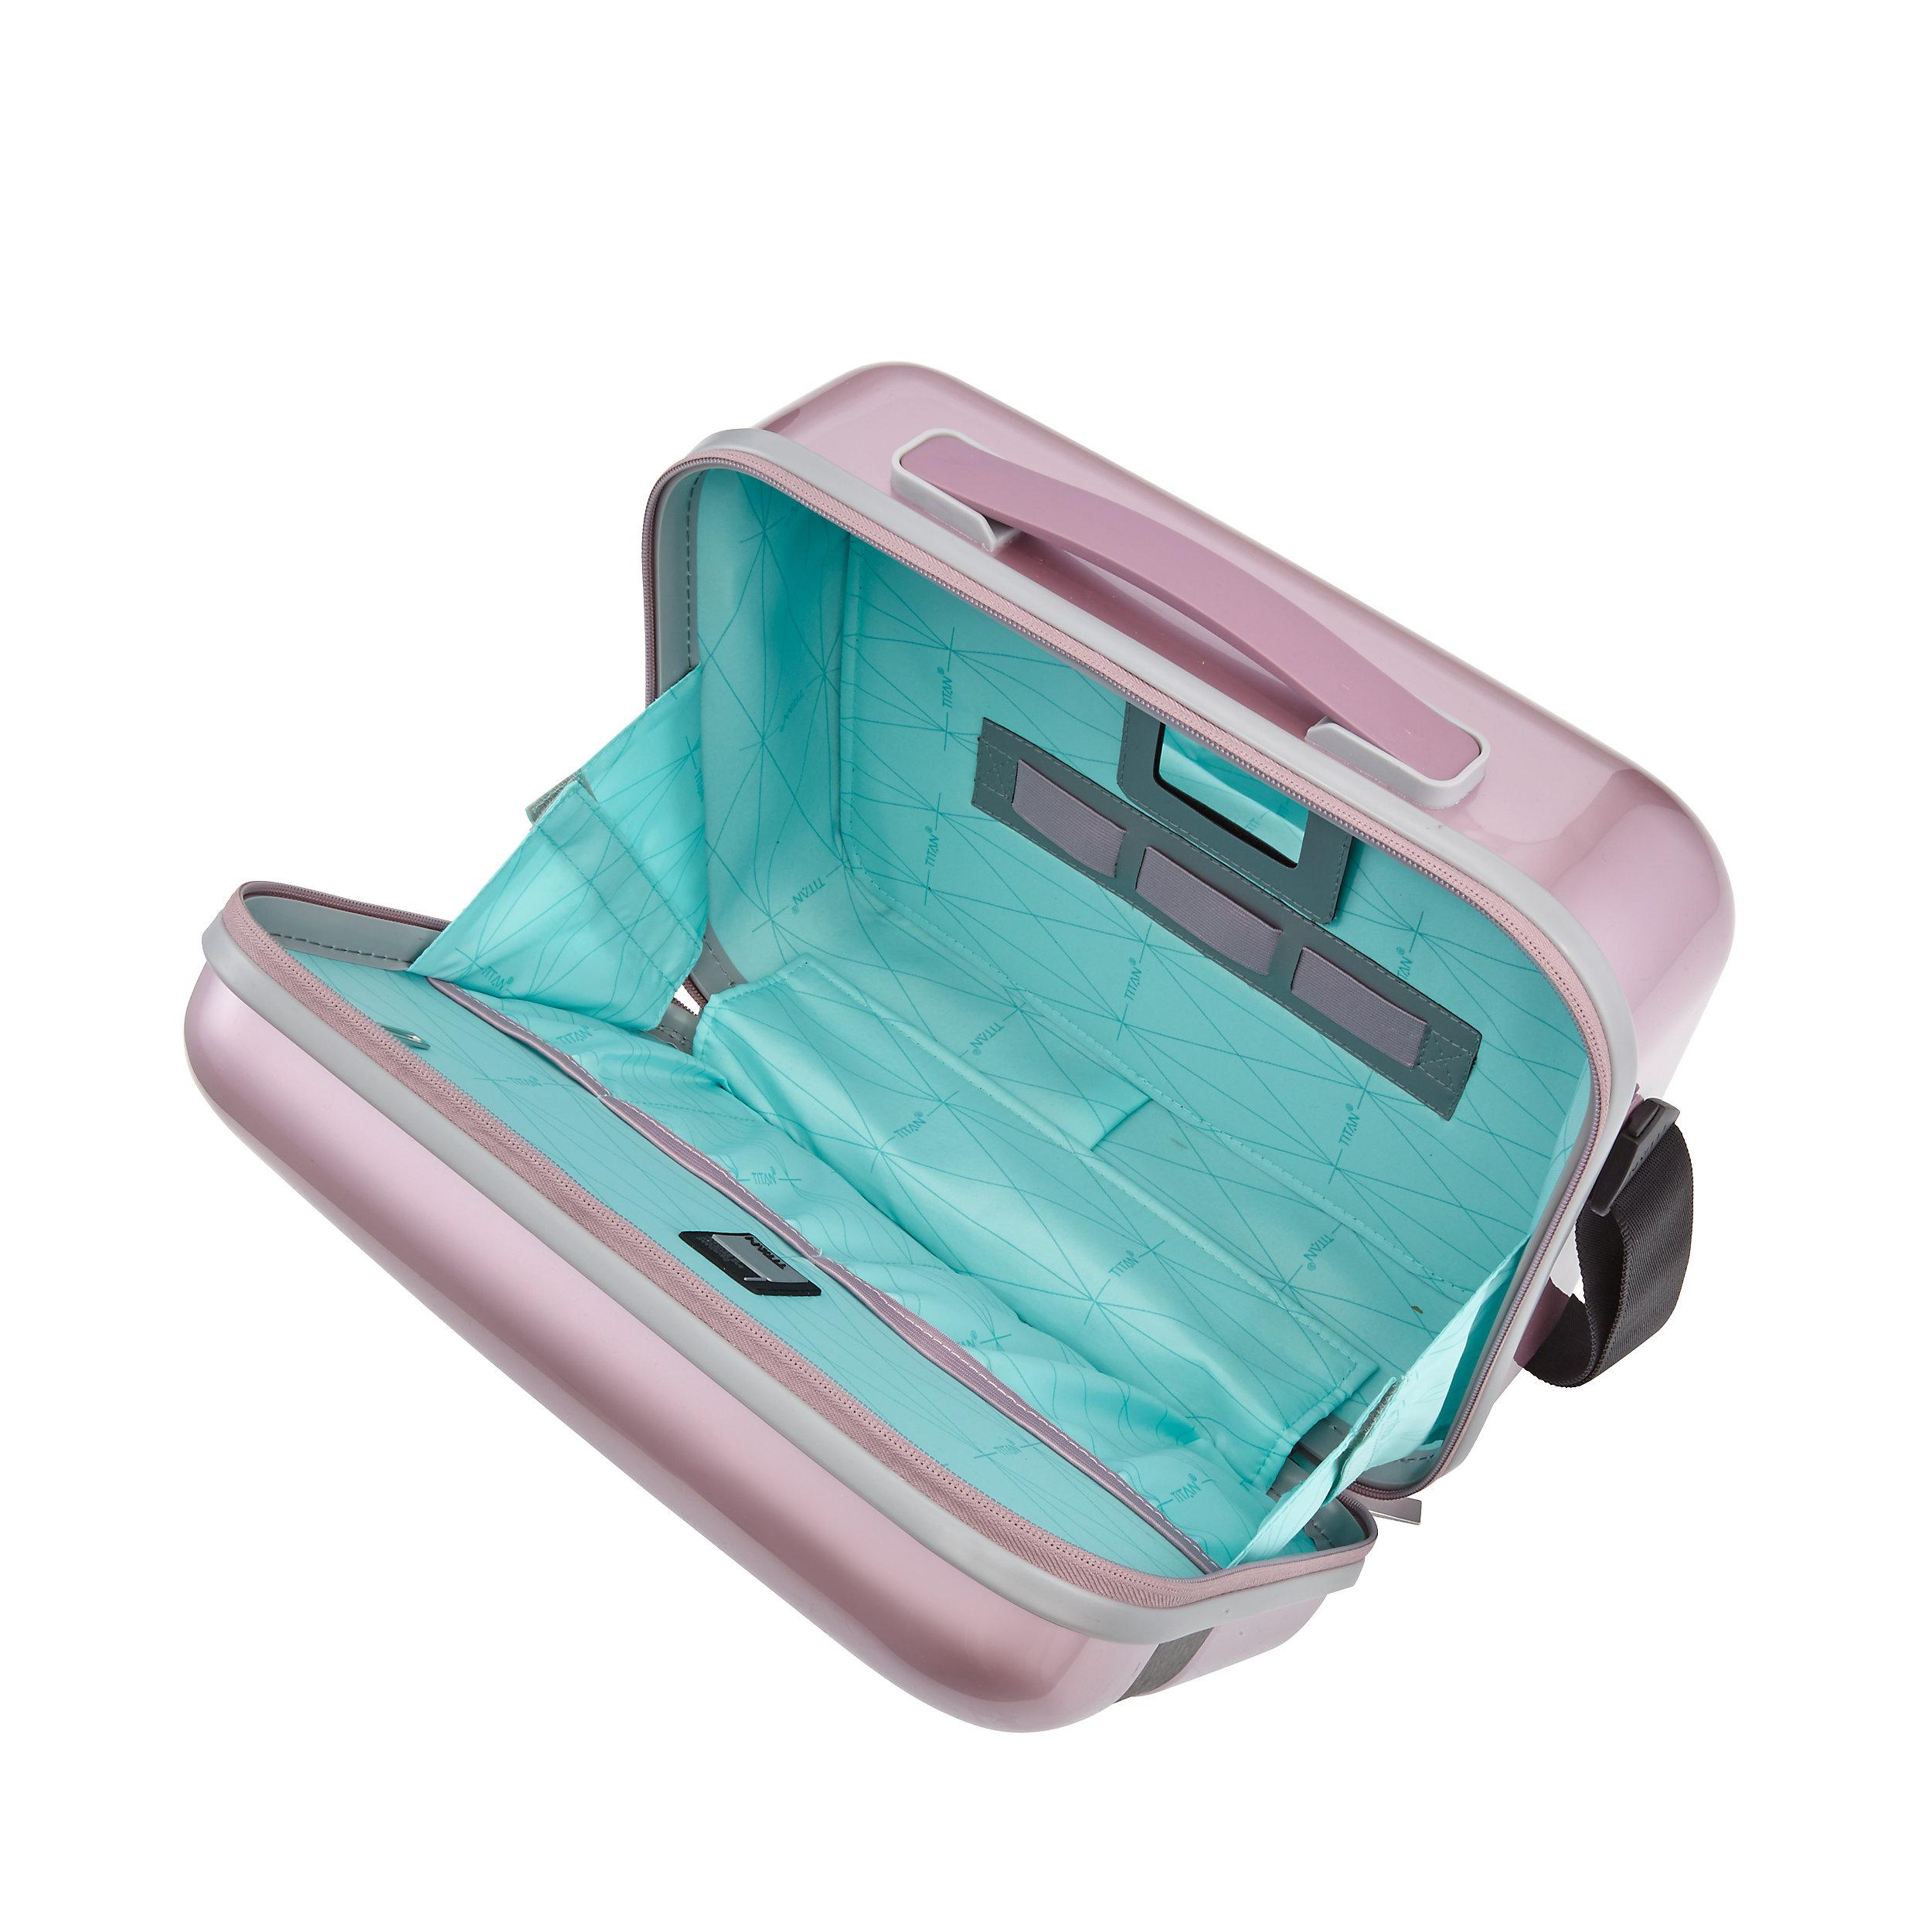 Beautycase Spotlight Flash 21 Liter